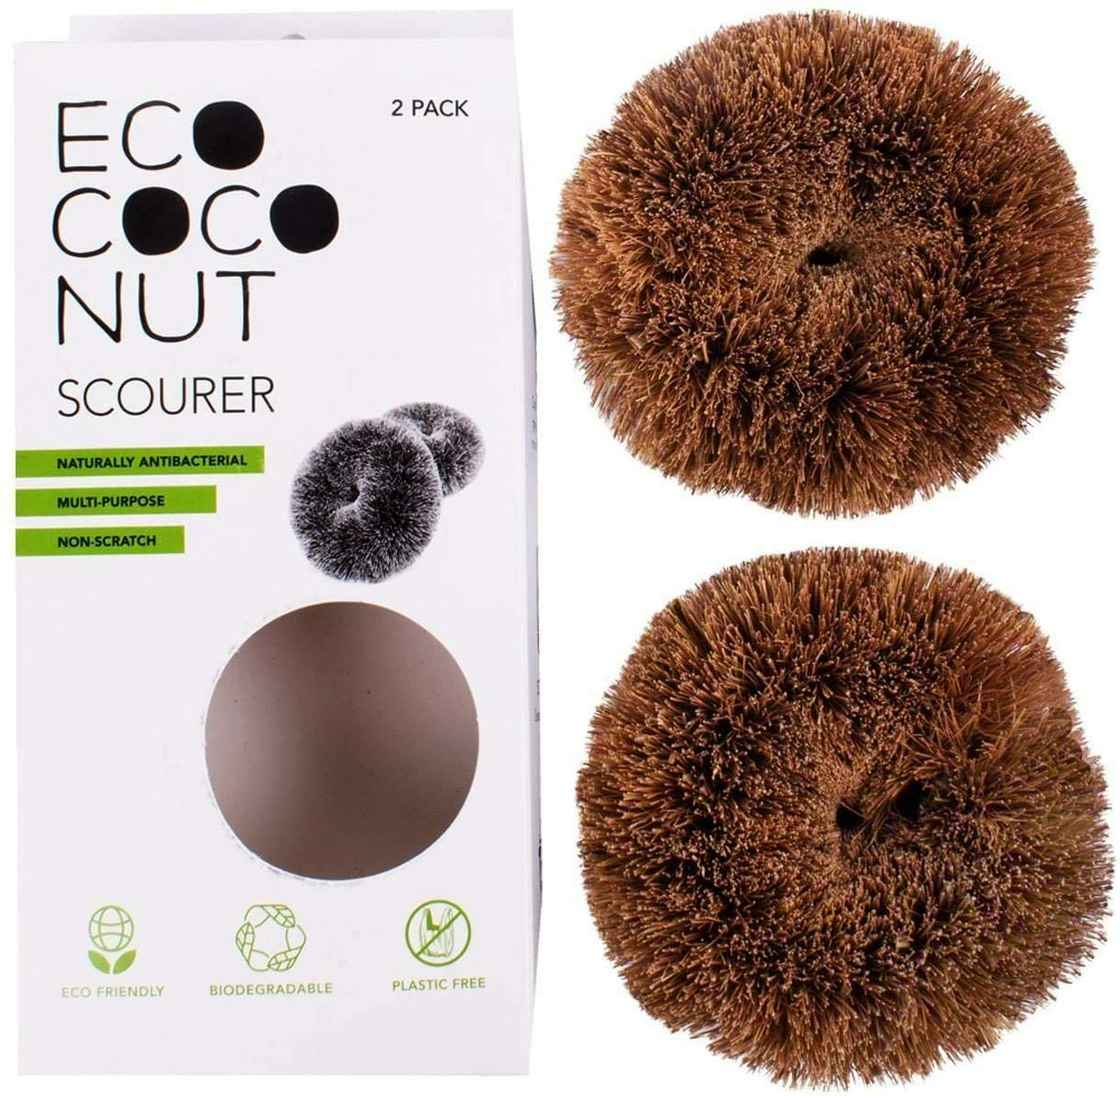 eco coco nut